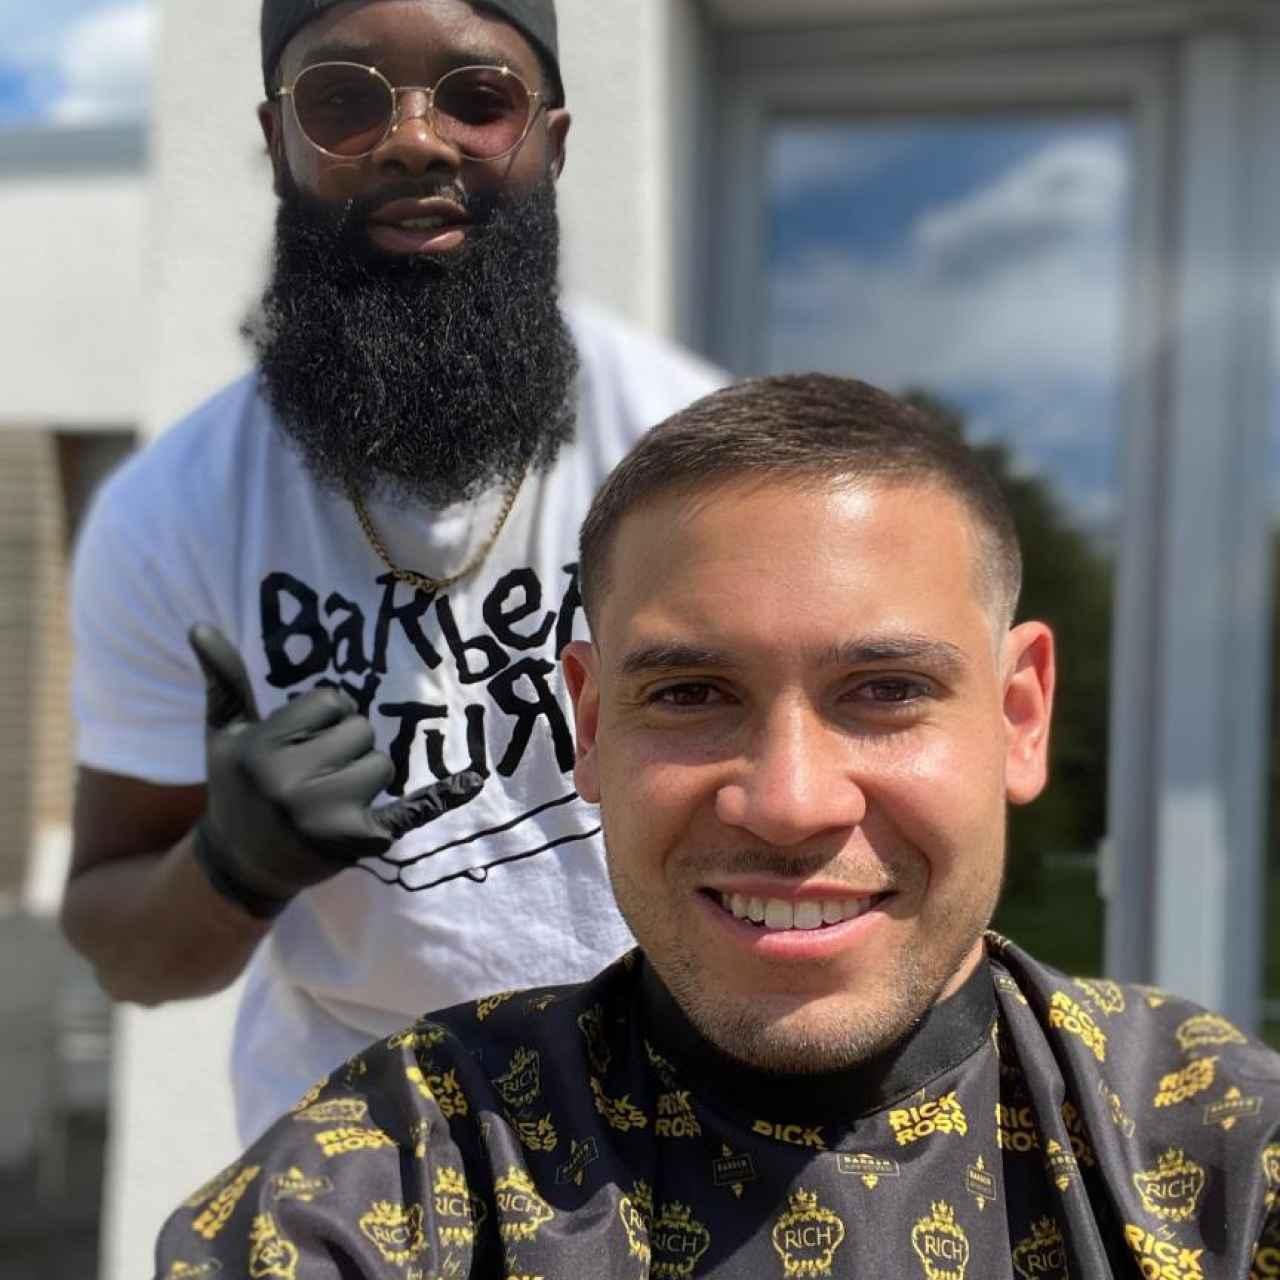 Raphael Guerreiro no fue multado y pasó por las manos del mismo peluquero